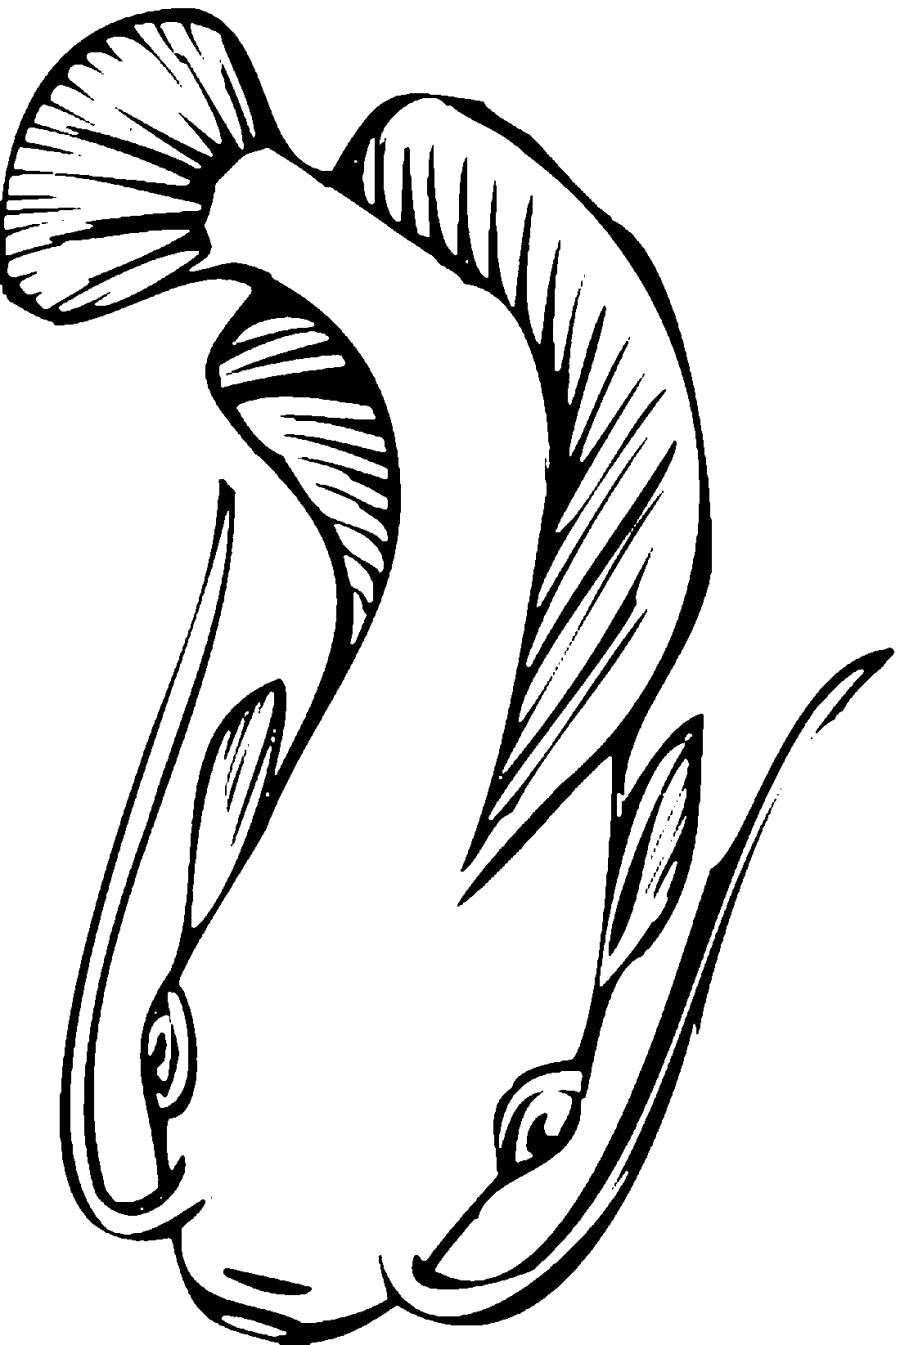 Раскраска Сом с длинными усами, рыба.